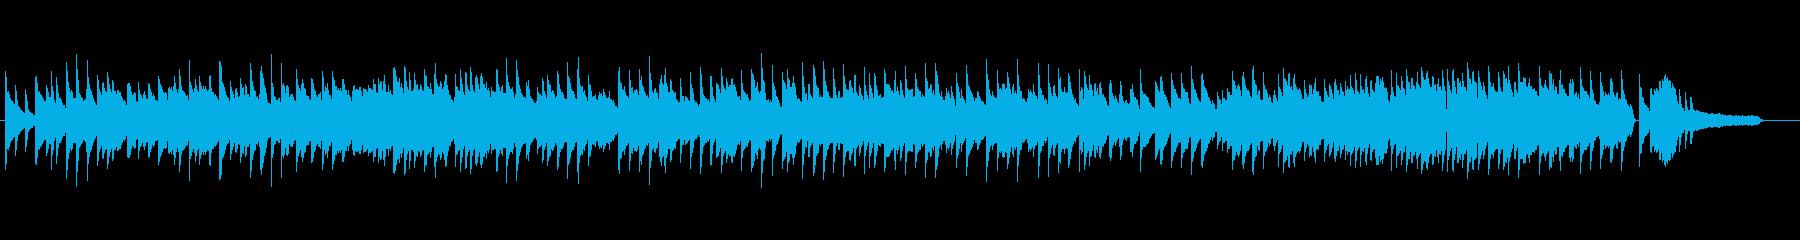 「ふるさと」叙情的なソロピアノアレンジでの再生済みの波形